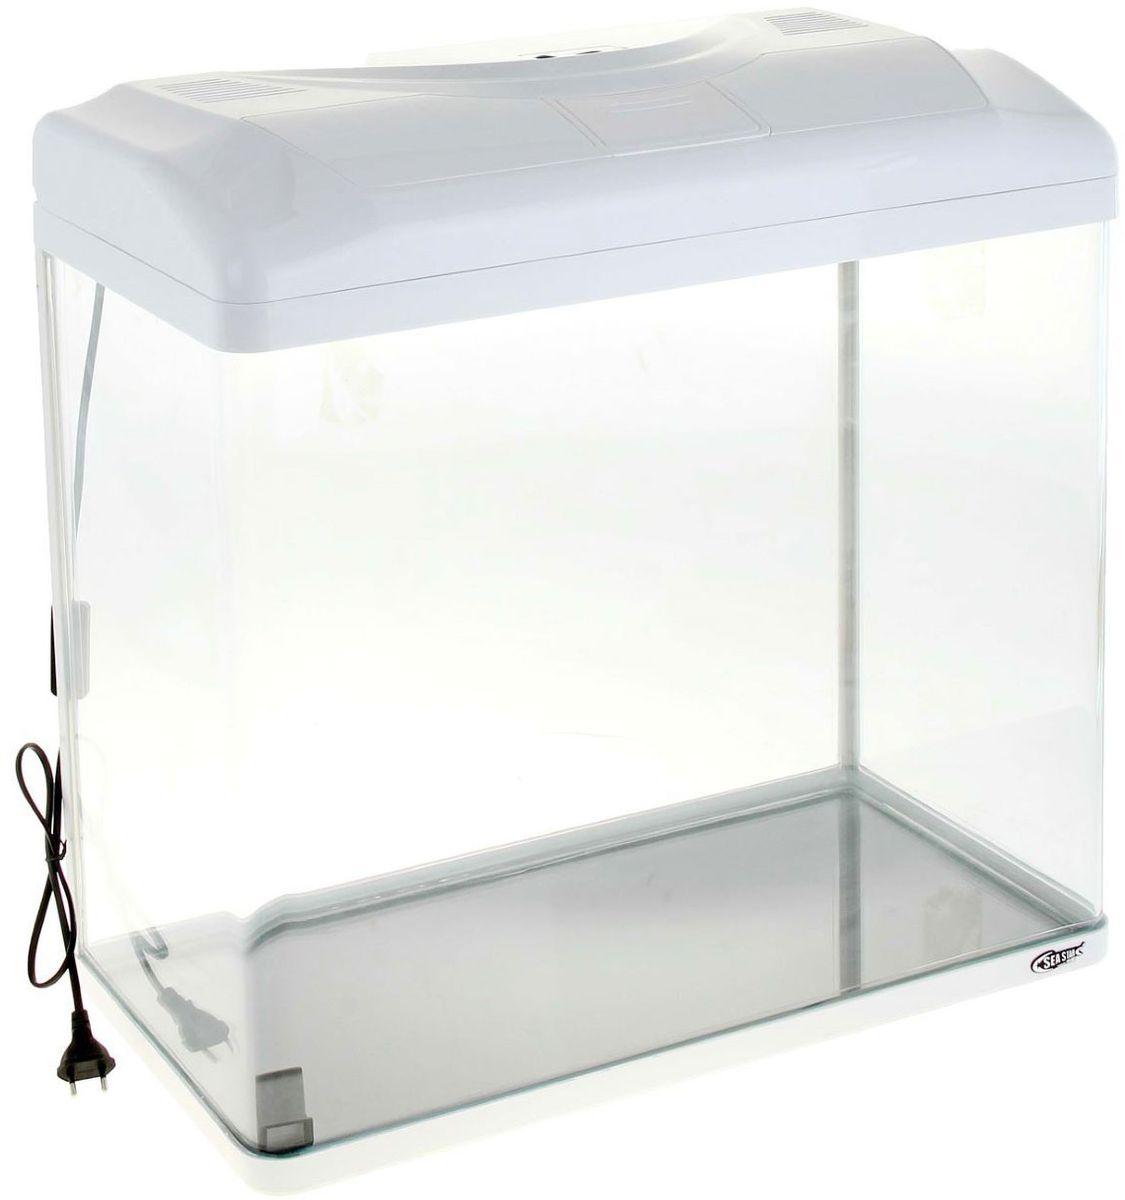 Аквариум Sea Star HX-580ZF, цвет: белый, 90 лHX-580ZF whiteЛампа дневного света и встроенный фильтр.